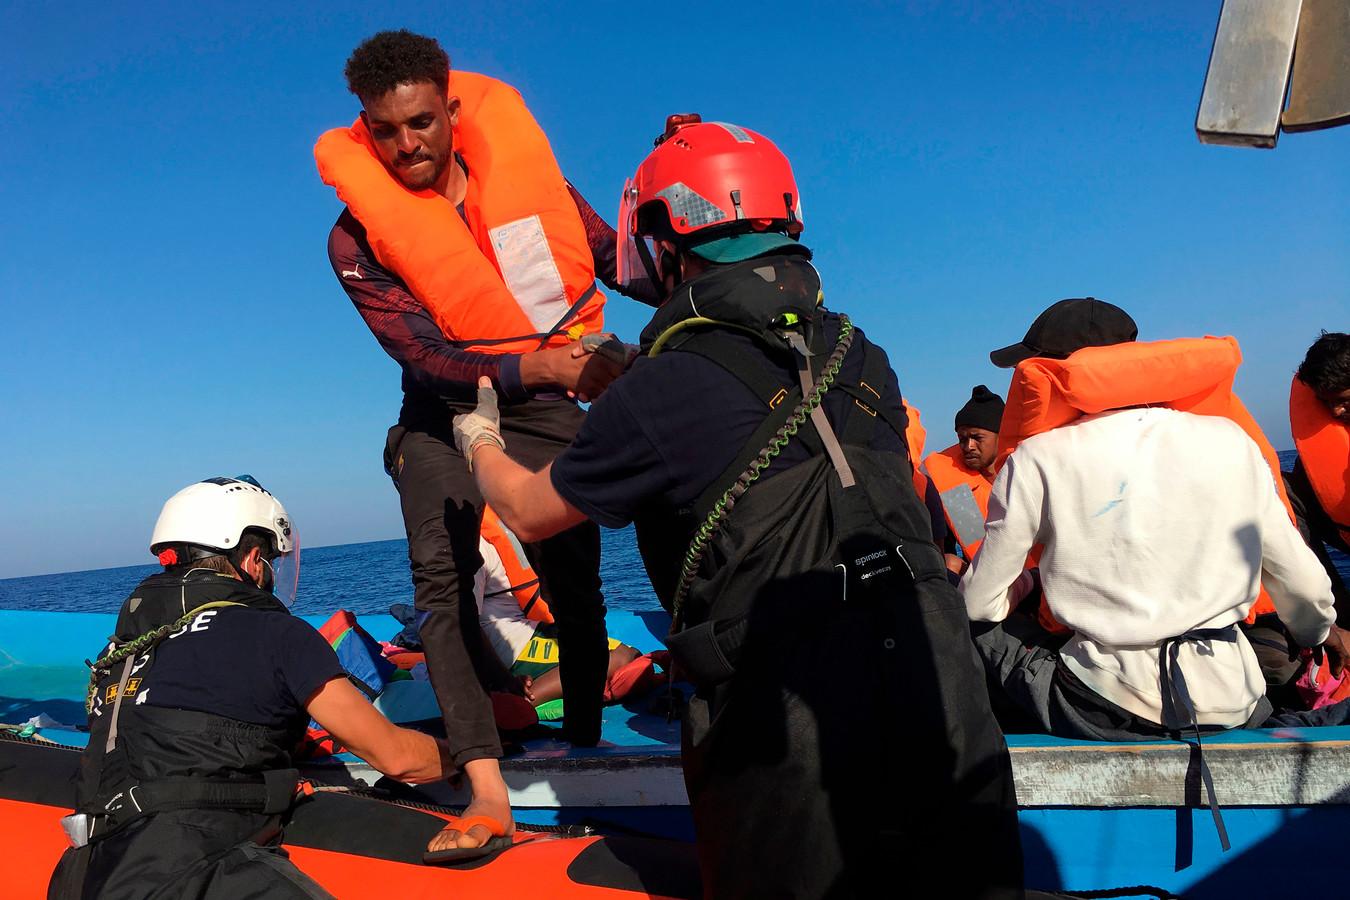 Vorige week pikte het reddingsschip Ocean Viking al 180 bootvluchtelingen op uit de Middellandse Zee. Ze werden naar het Italiaanse eiland Lampedusa gebracht. De afgelopen 24 uur kwamen er nog eens zeshonderd vluchtelingen bij waardoor er nu sprake is van een noodsituatie op het eiland.